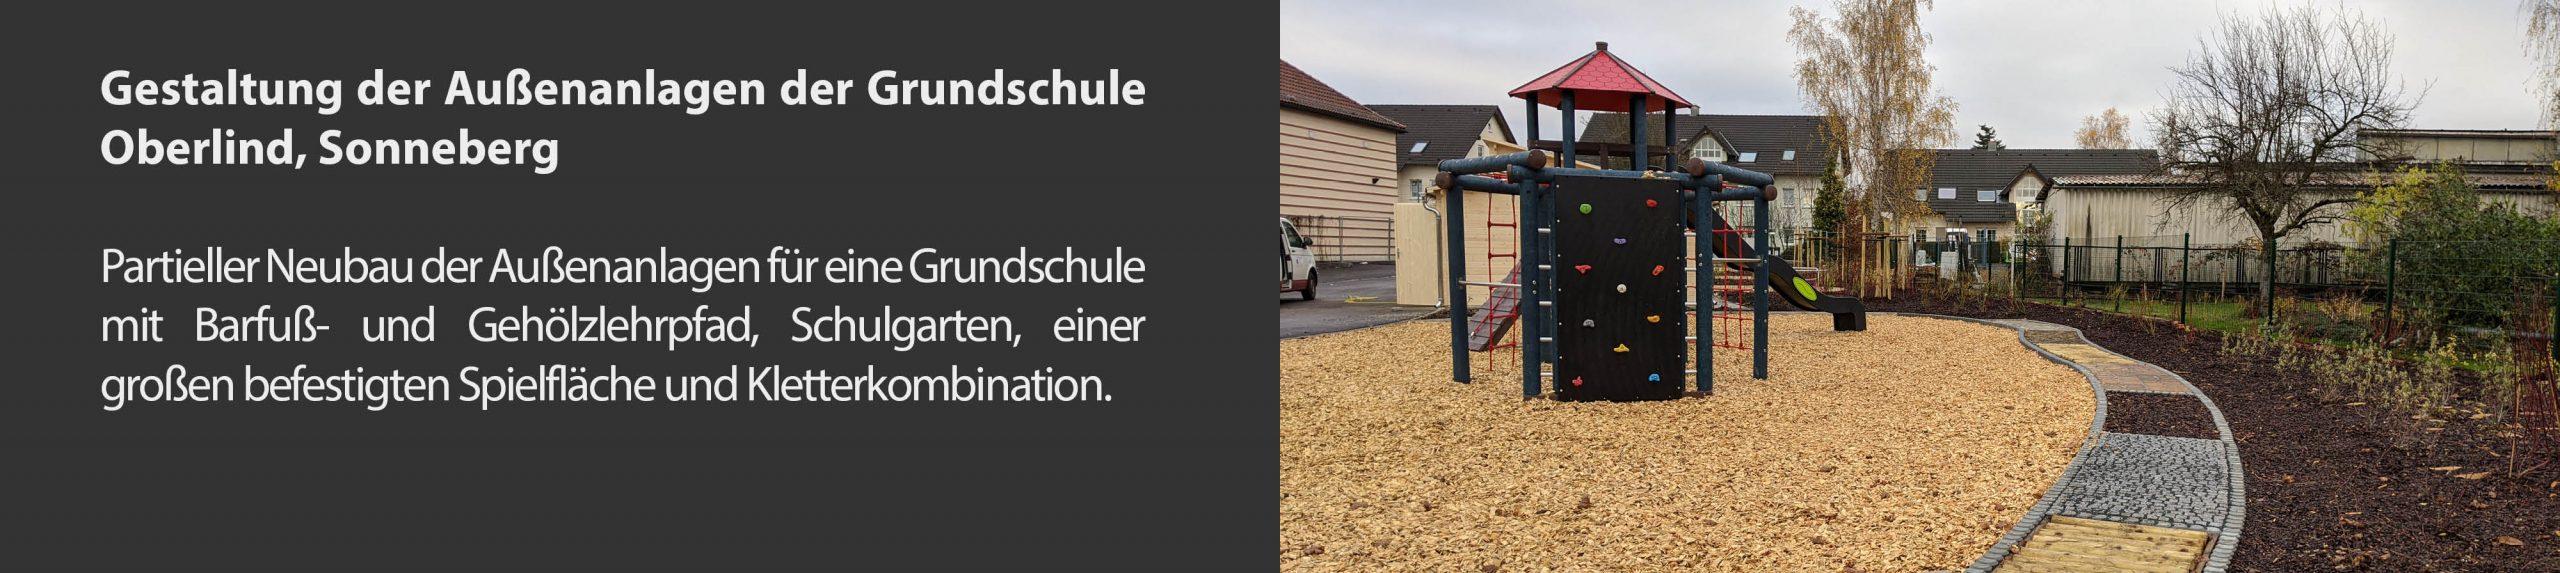 header_schulhof-oberlind